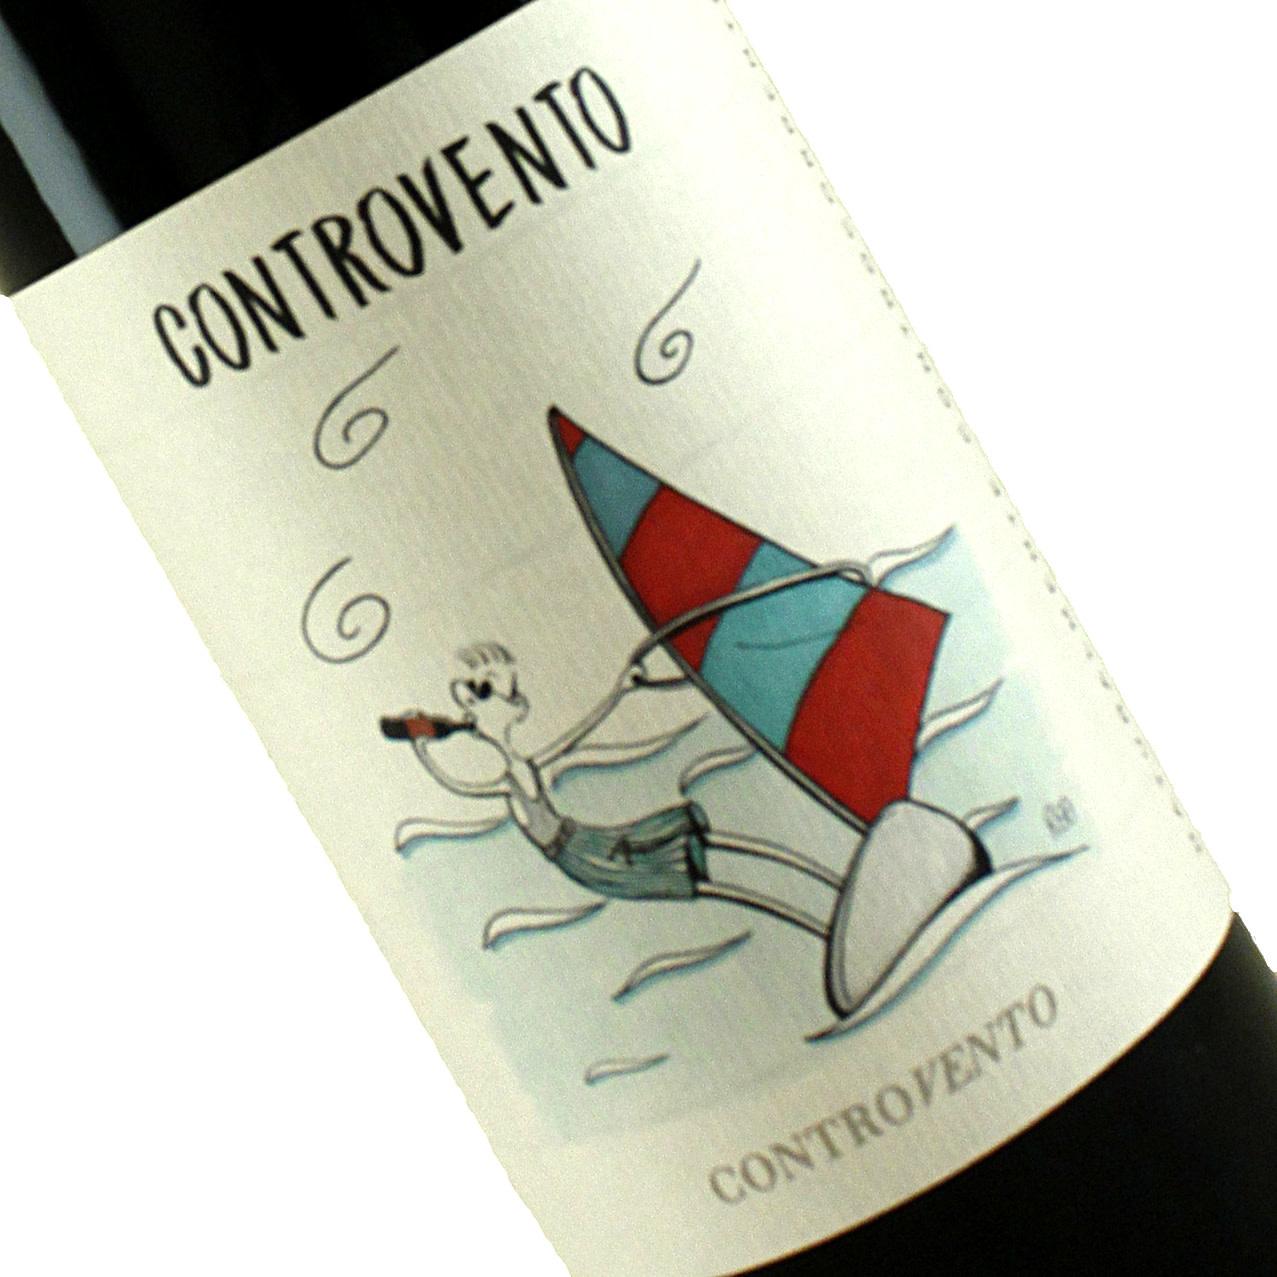 Controvento 2019 Vino Rosso Natural Wine, Italy